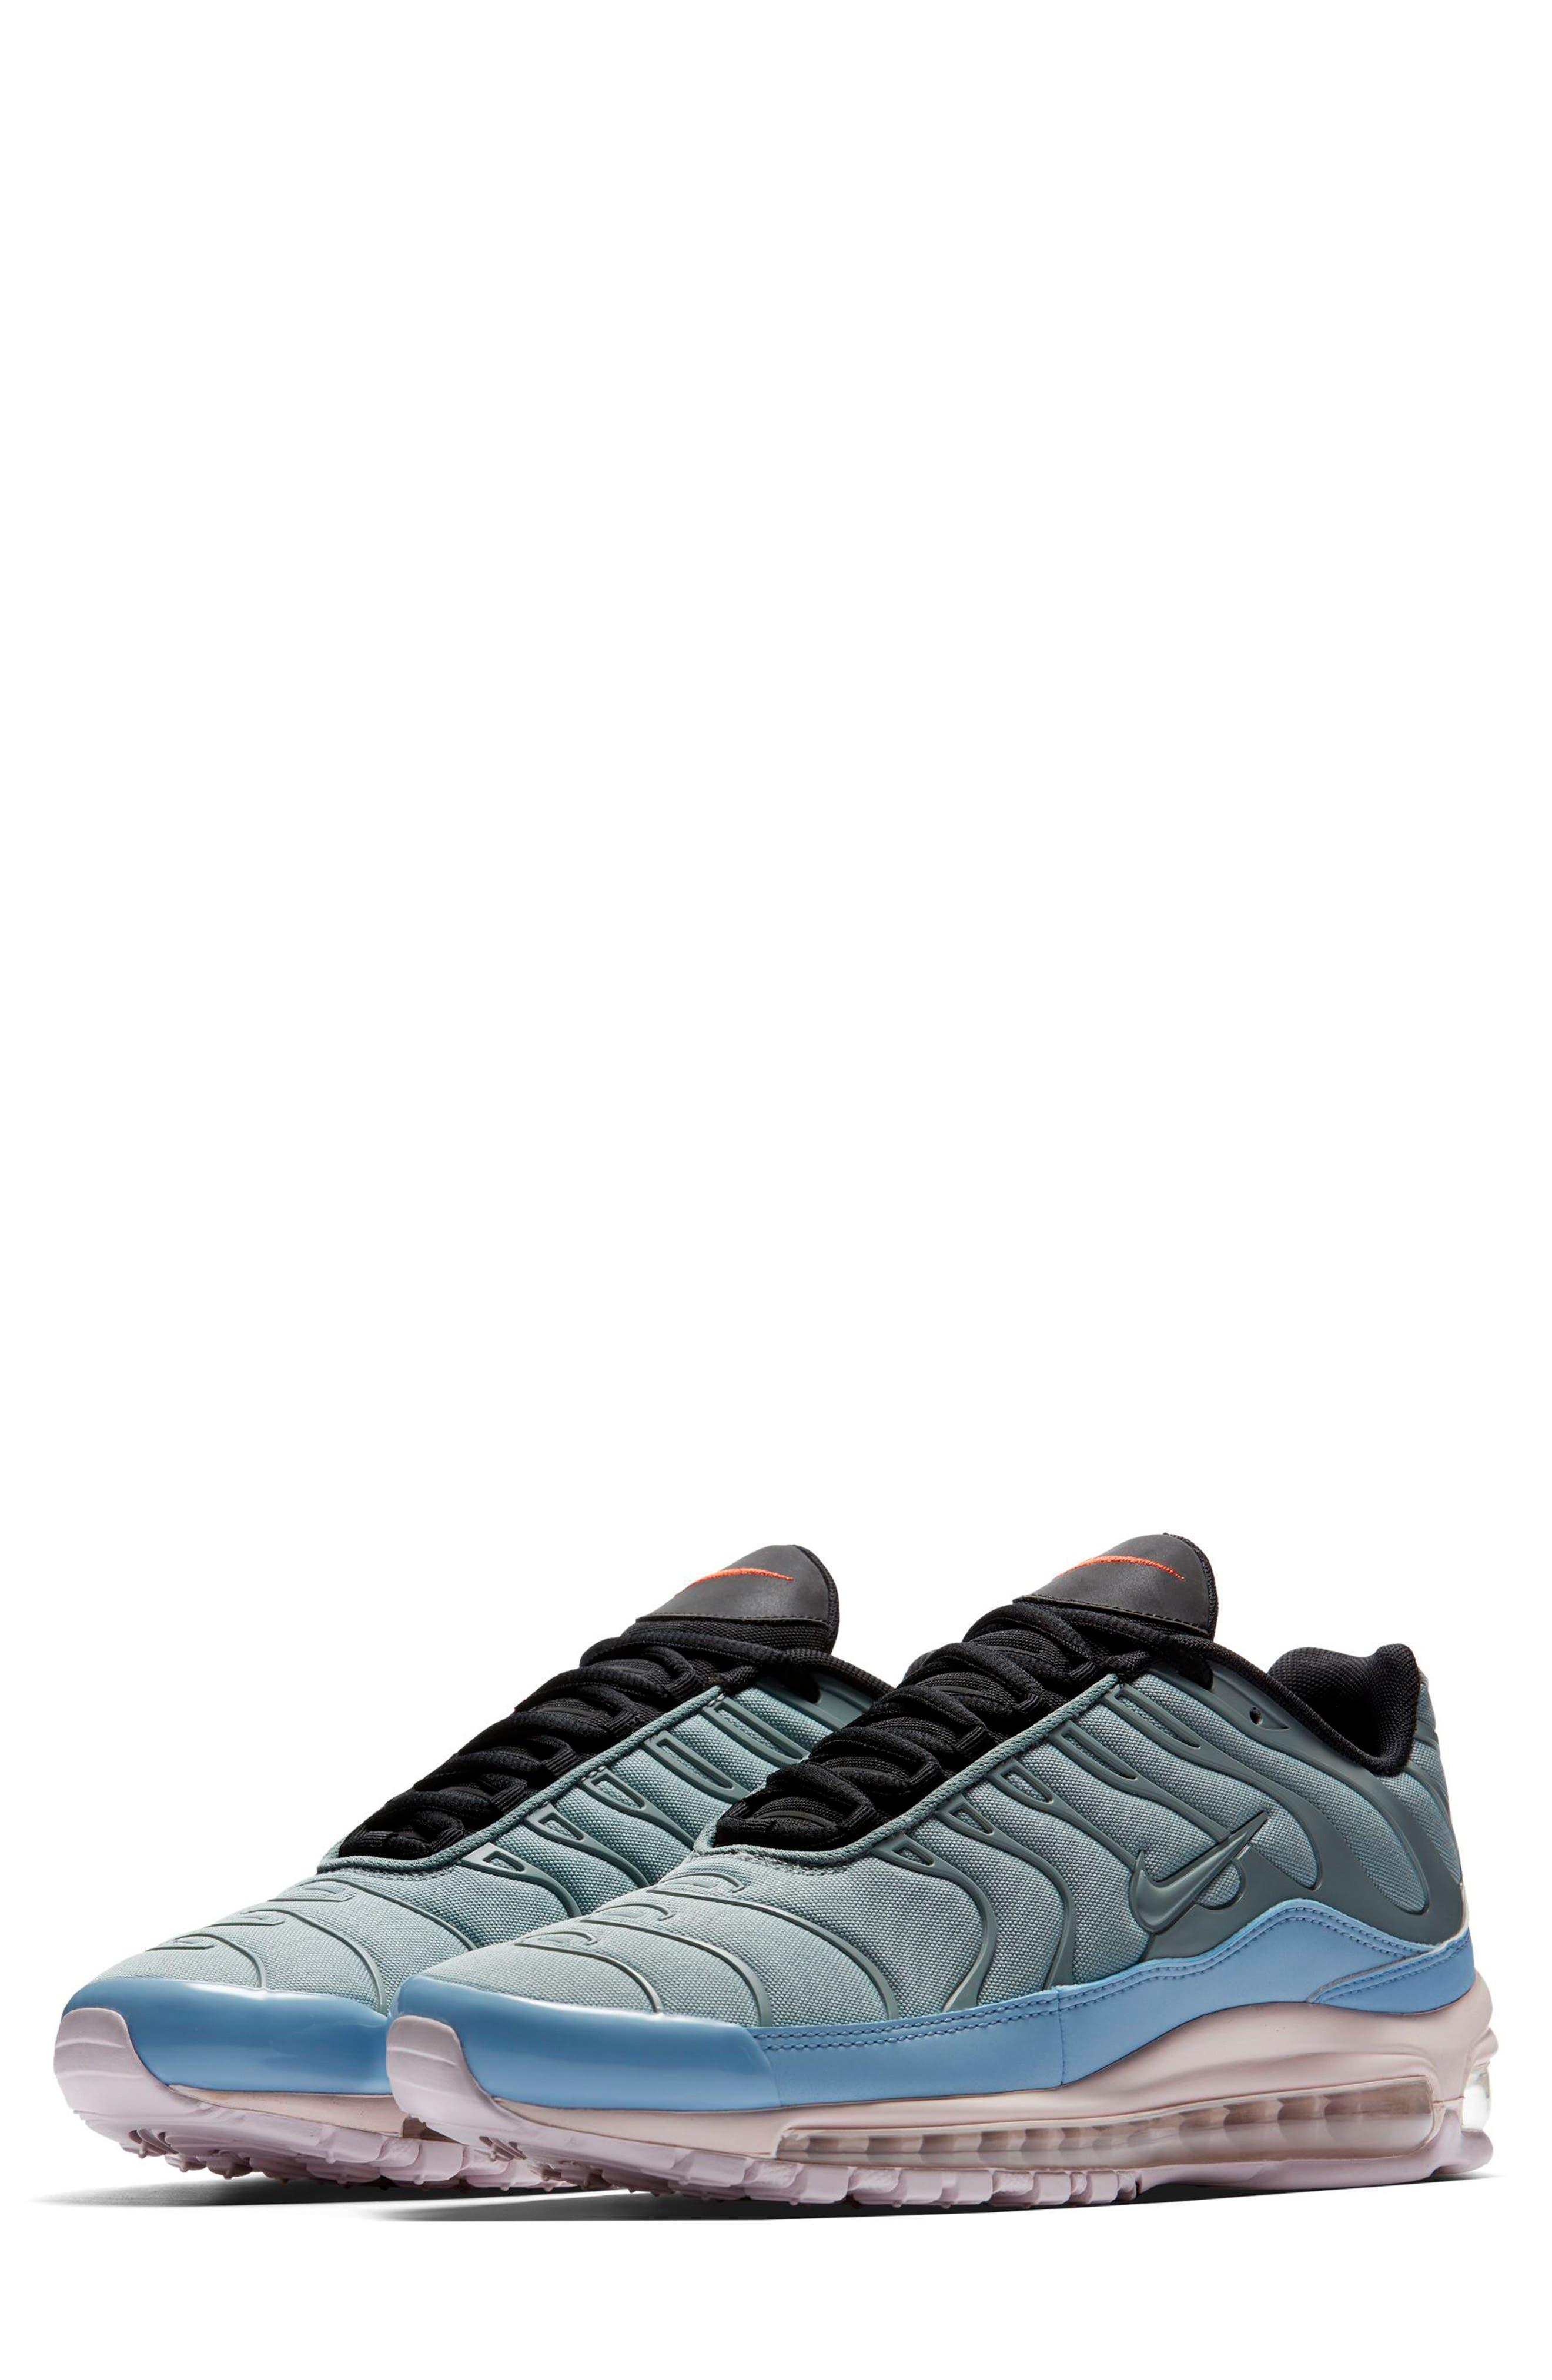 Air Max 97 Plus Sneaker,                             Main thumbnail 1, color,                             300